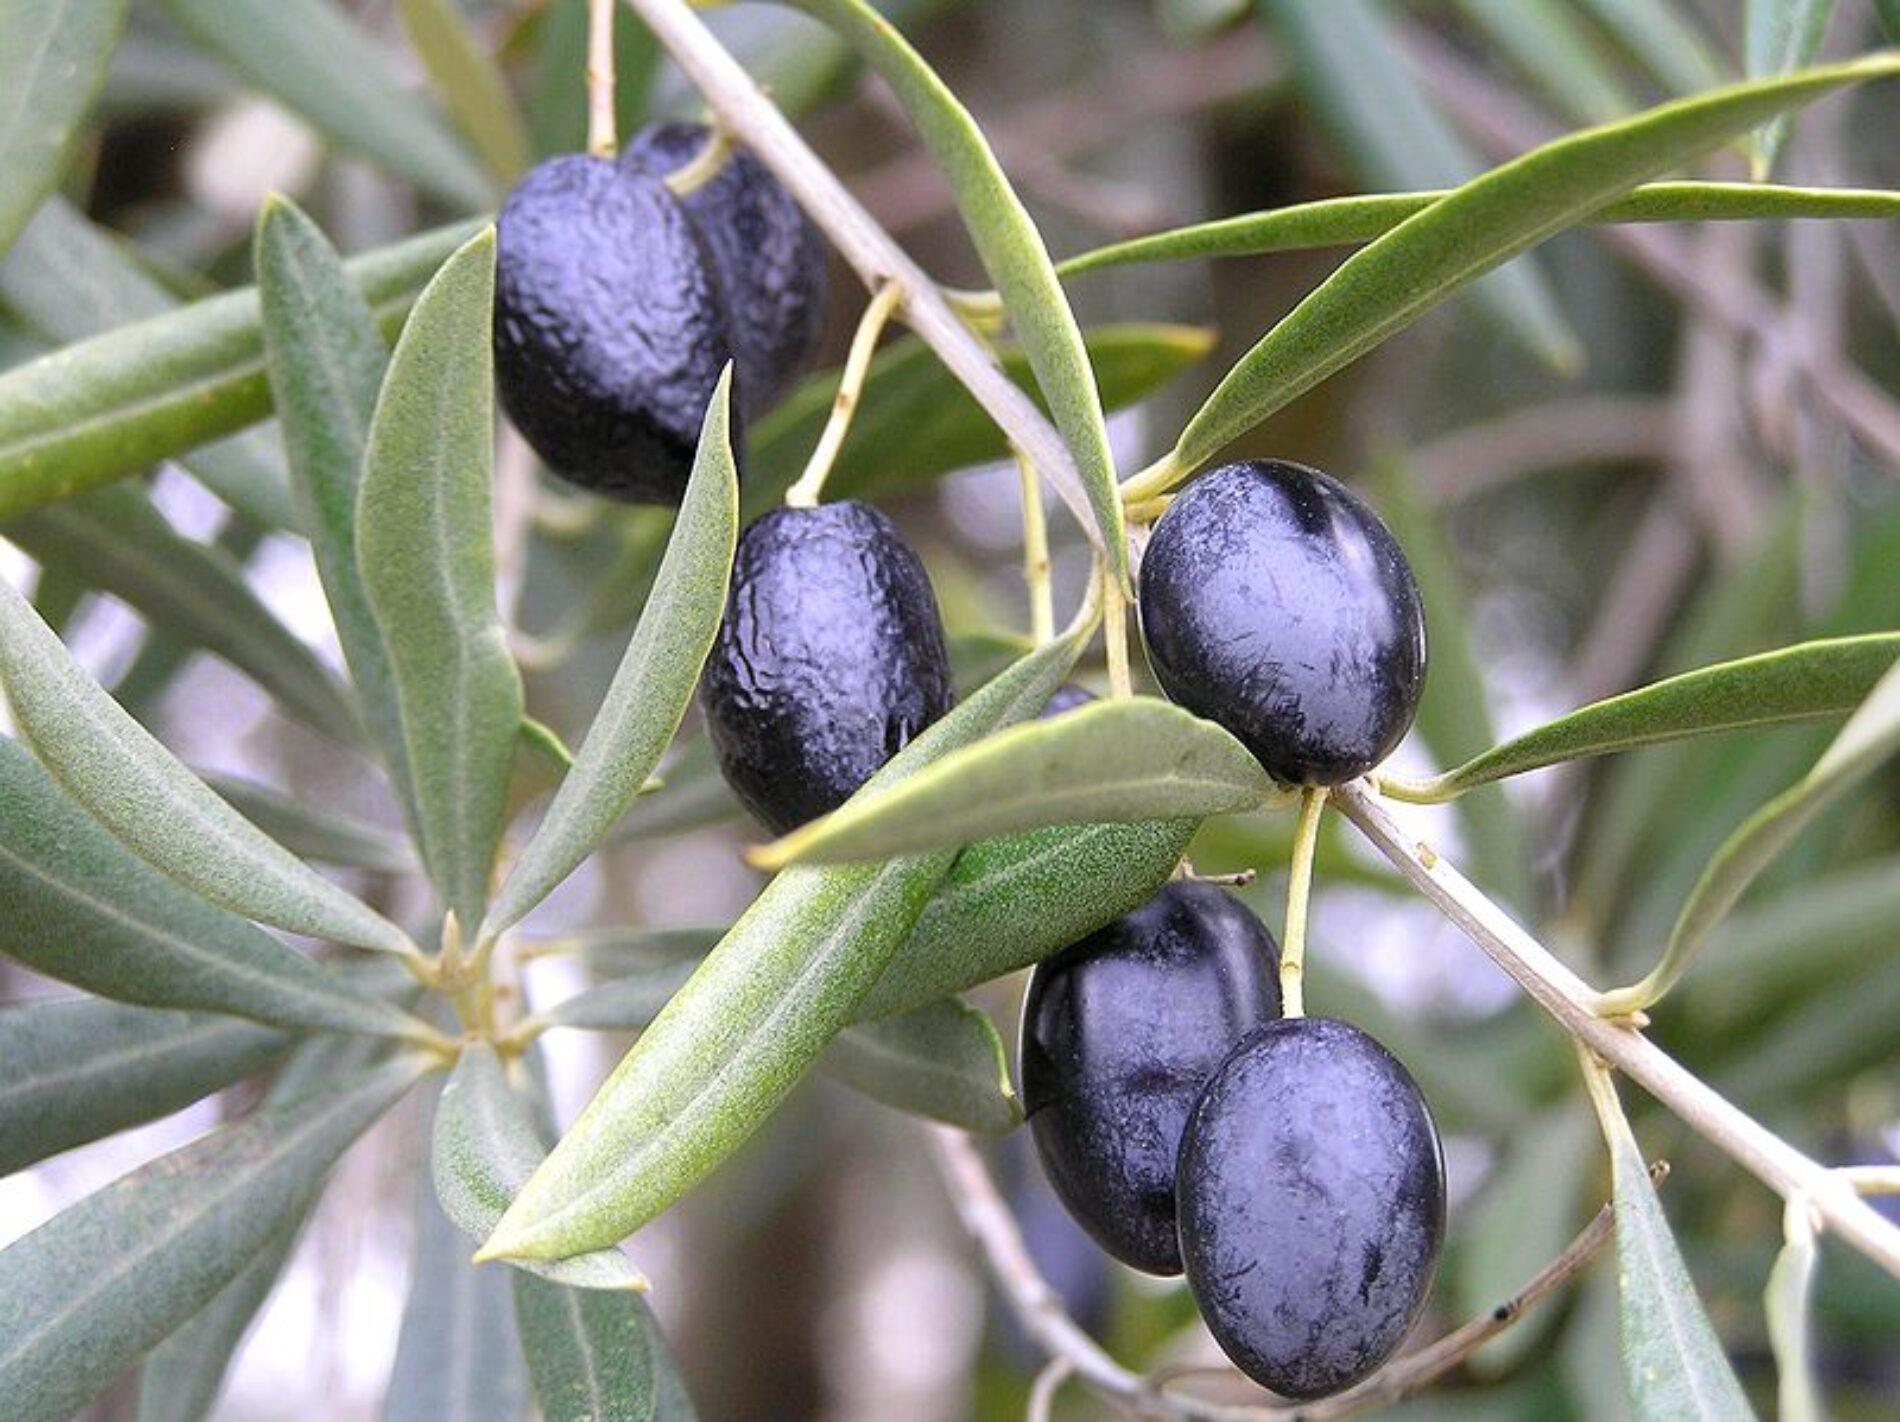 Φυσική παρασκευή μαύρης ελιάς